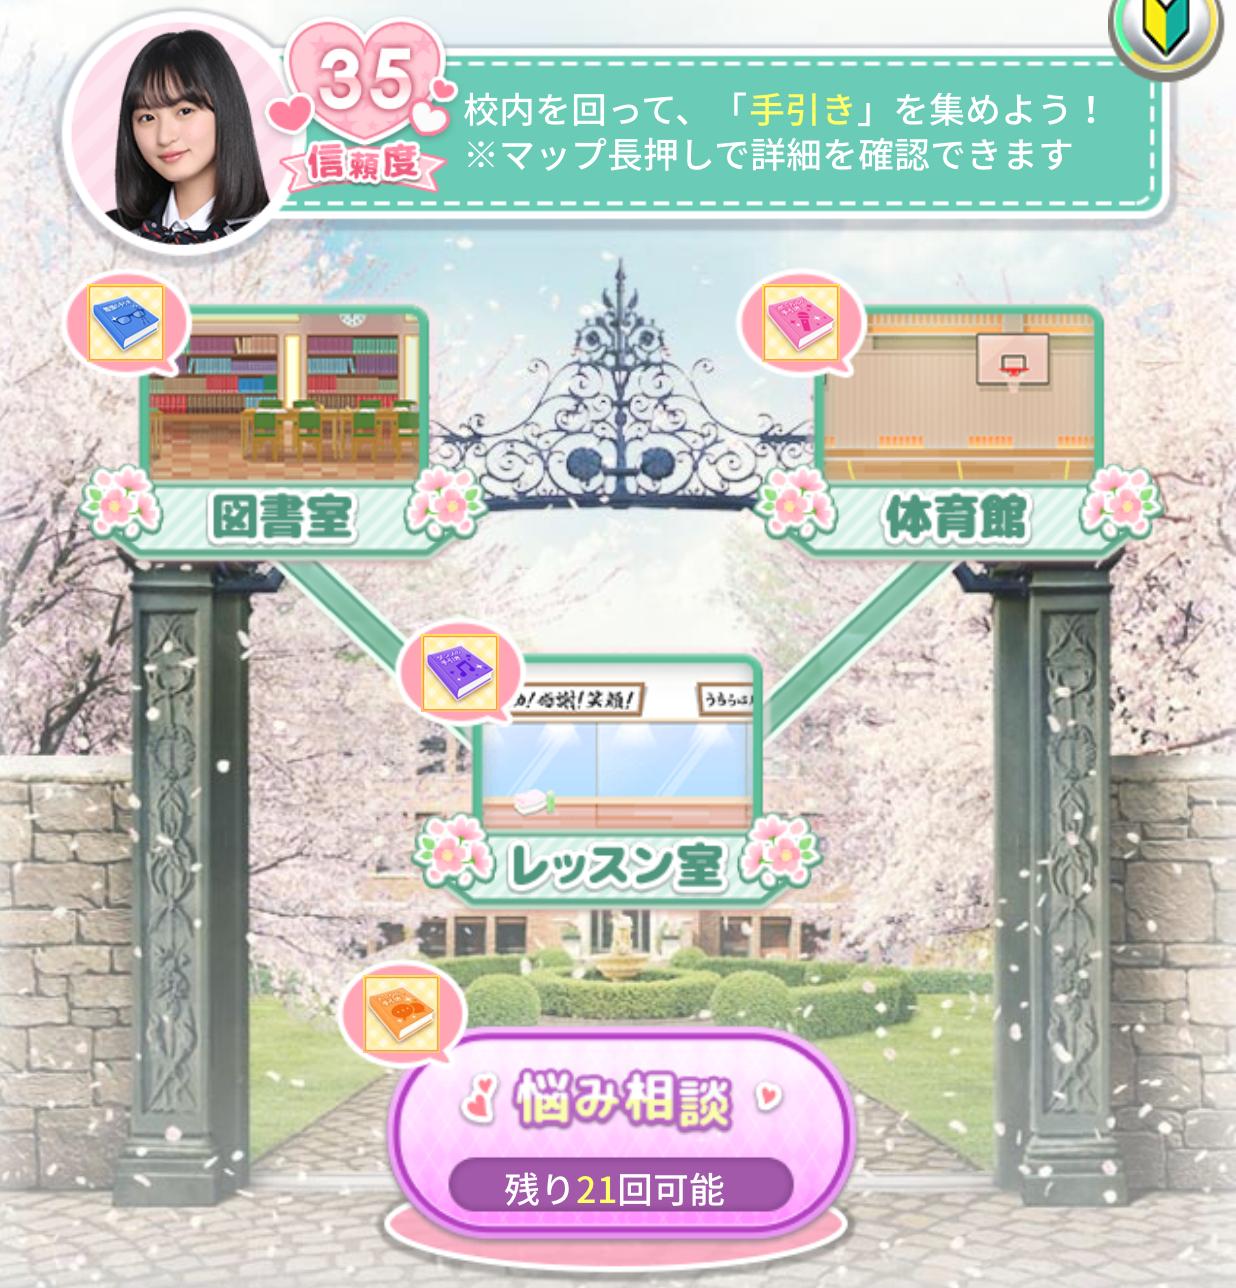 乃木恋4期生イベント